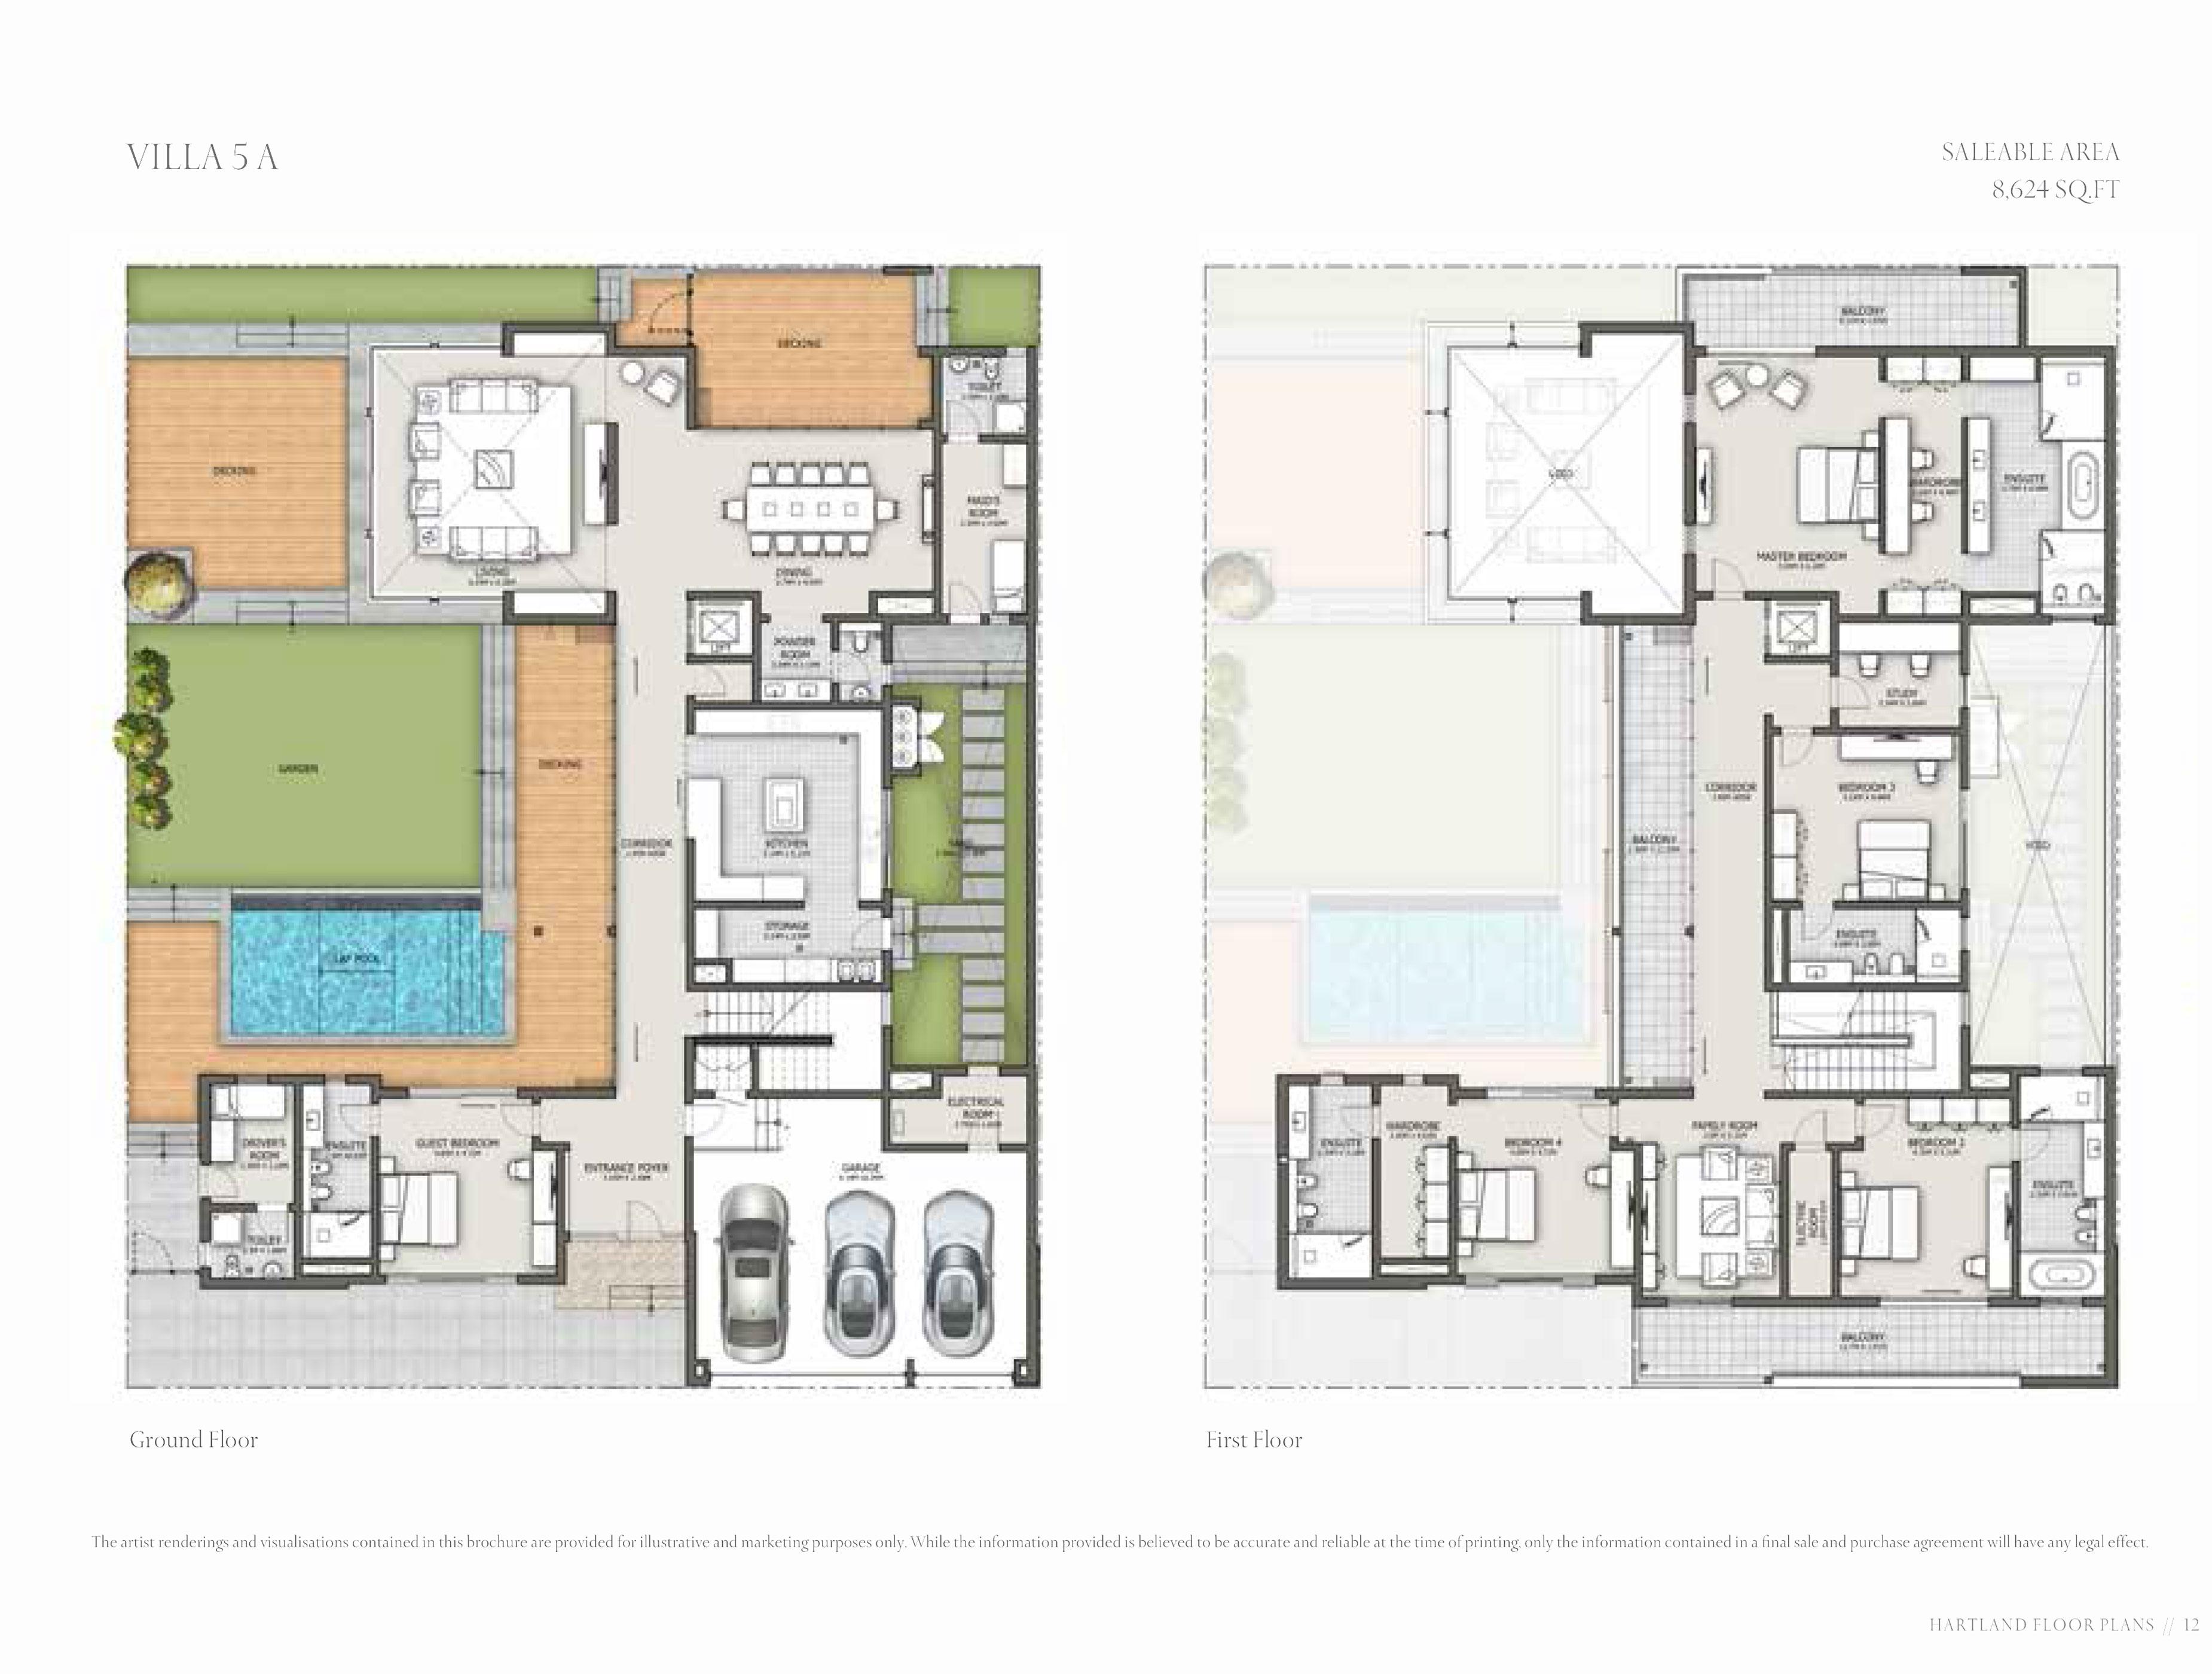 Villas-5A-Area-8624